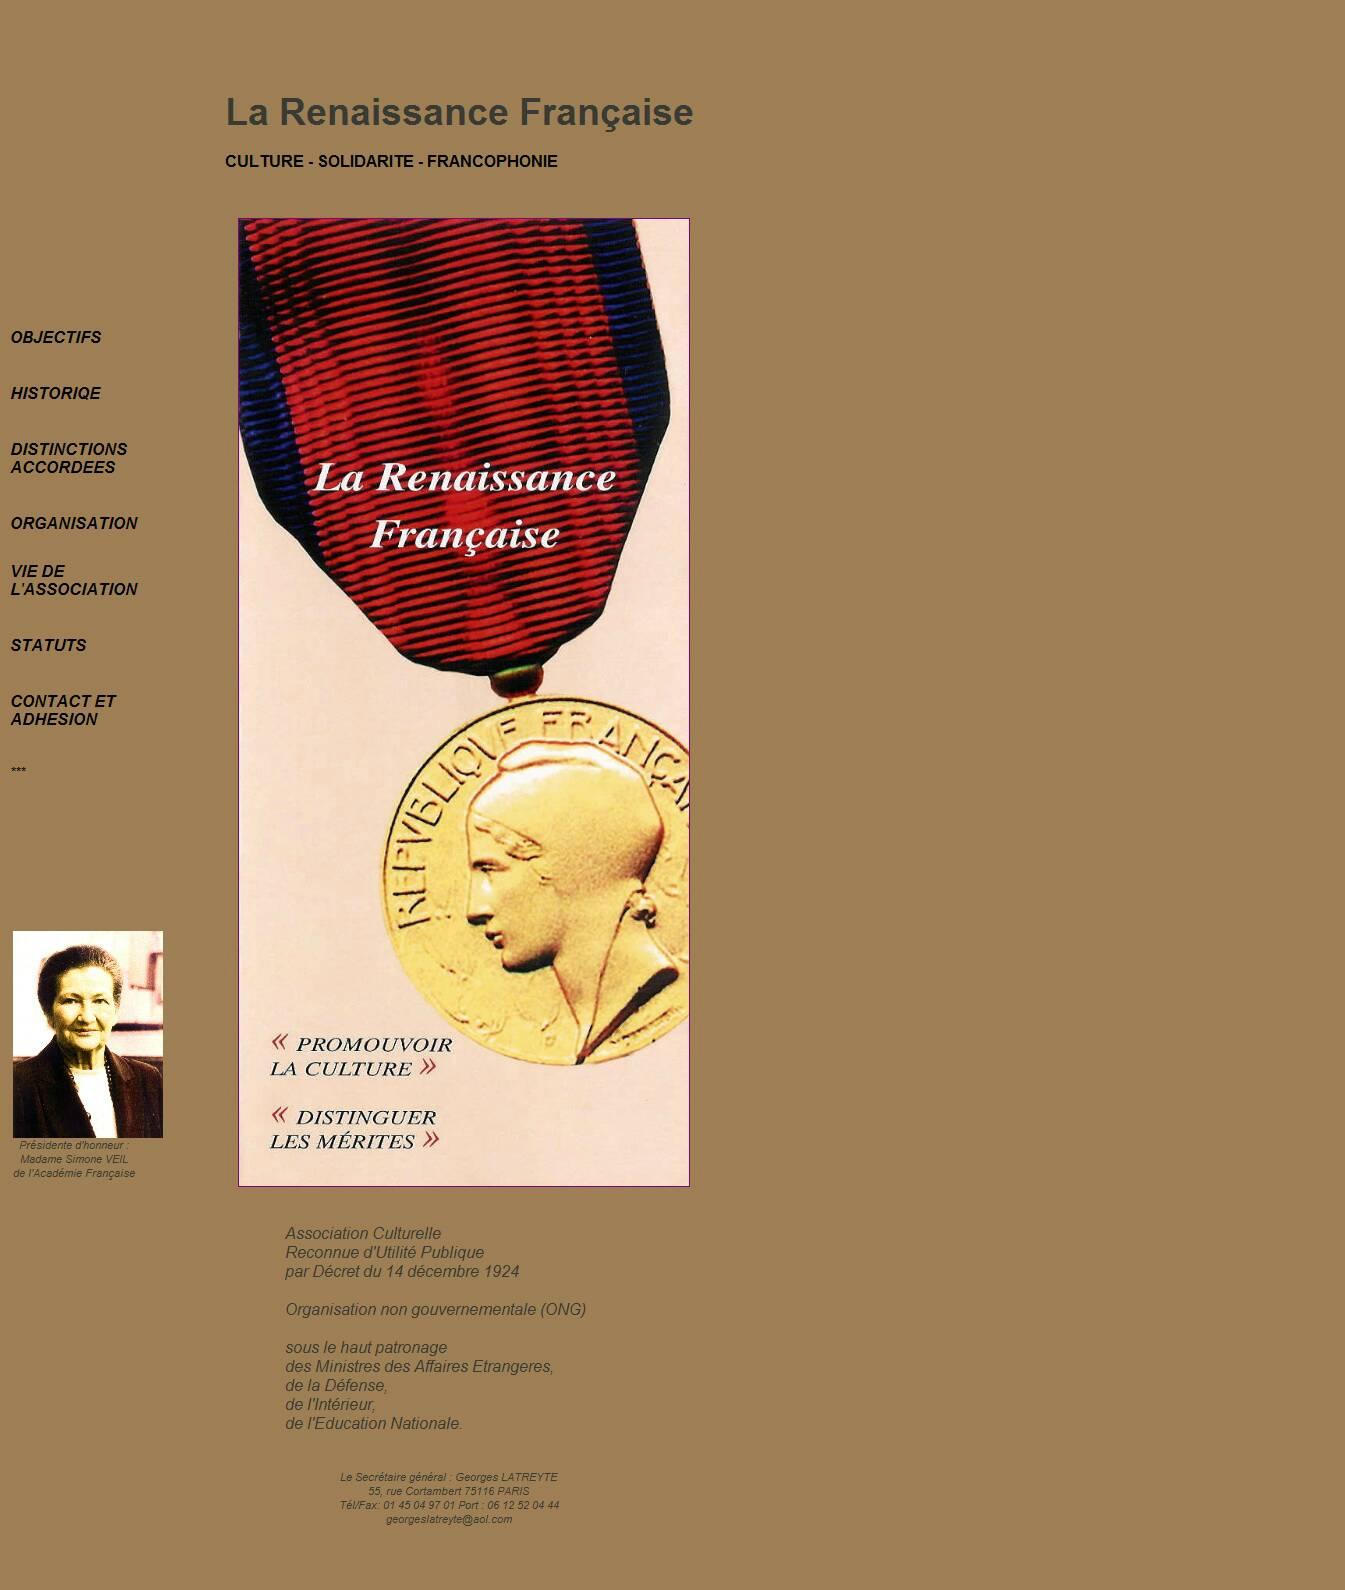 La RENAISSANCE FRANCAISE website